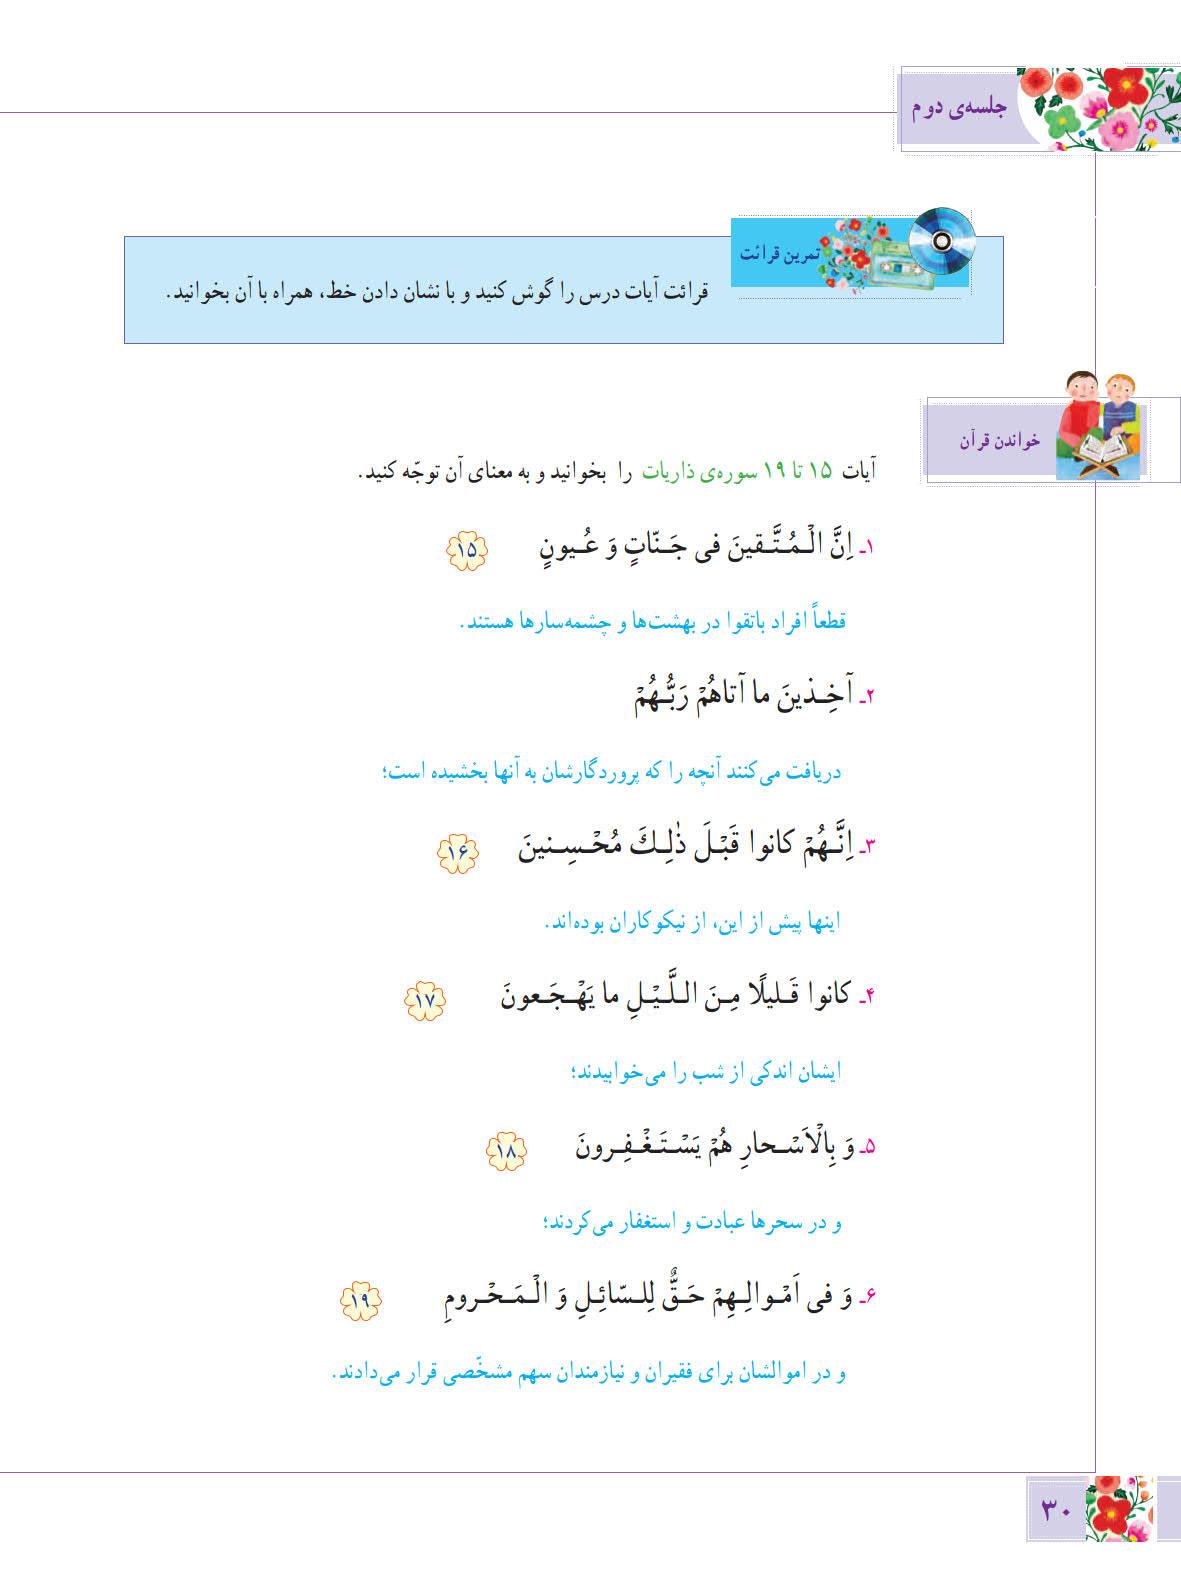 روخوانی و متن صفحه 30 درس پنجم آموزش قرآن ششم ابتدایی - کلاس اینترنتی ما - مومکا - momeka.ir (1)